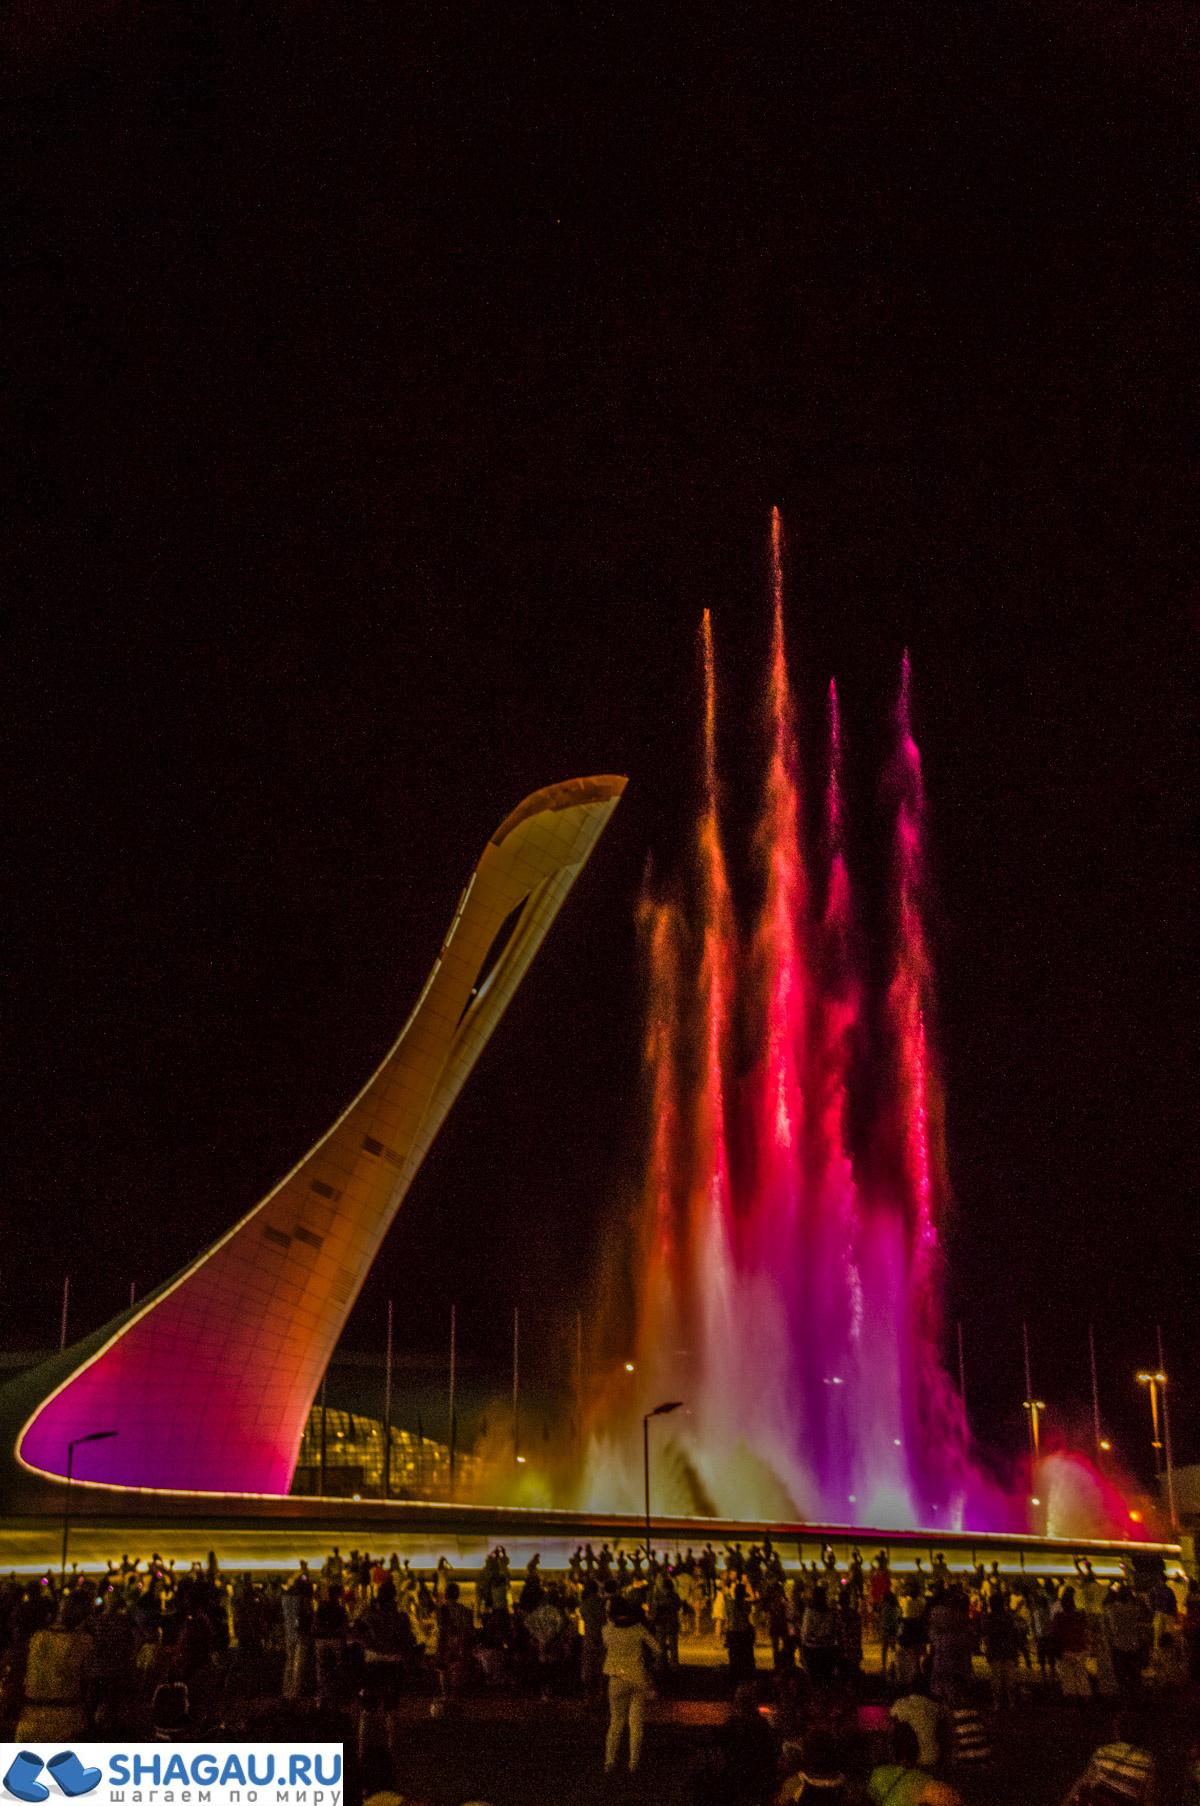 Олимпийский парк фонтан